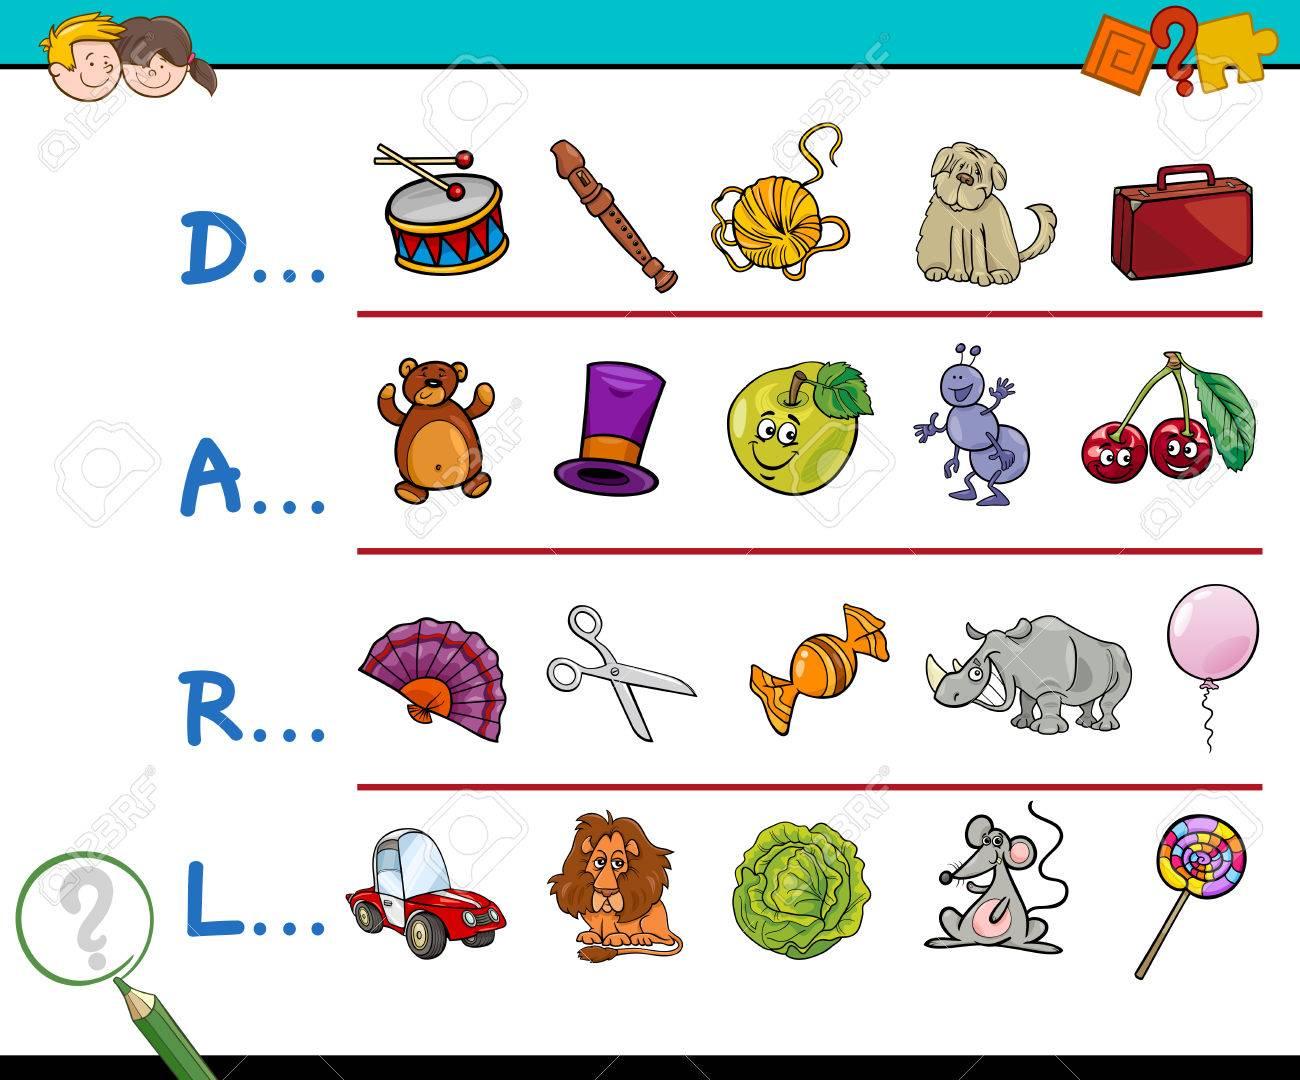 Ilustración De Dibujos Animados De Encontrar La Imagen Que Empiezan Con La Carta De Referencia De La Actividad Educativa Para Los Niños